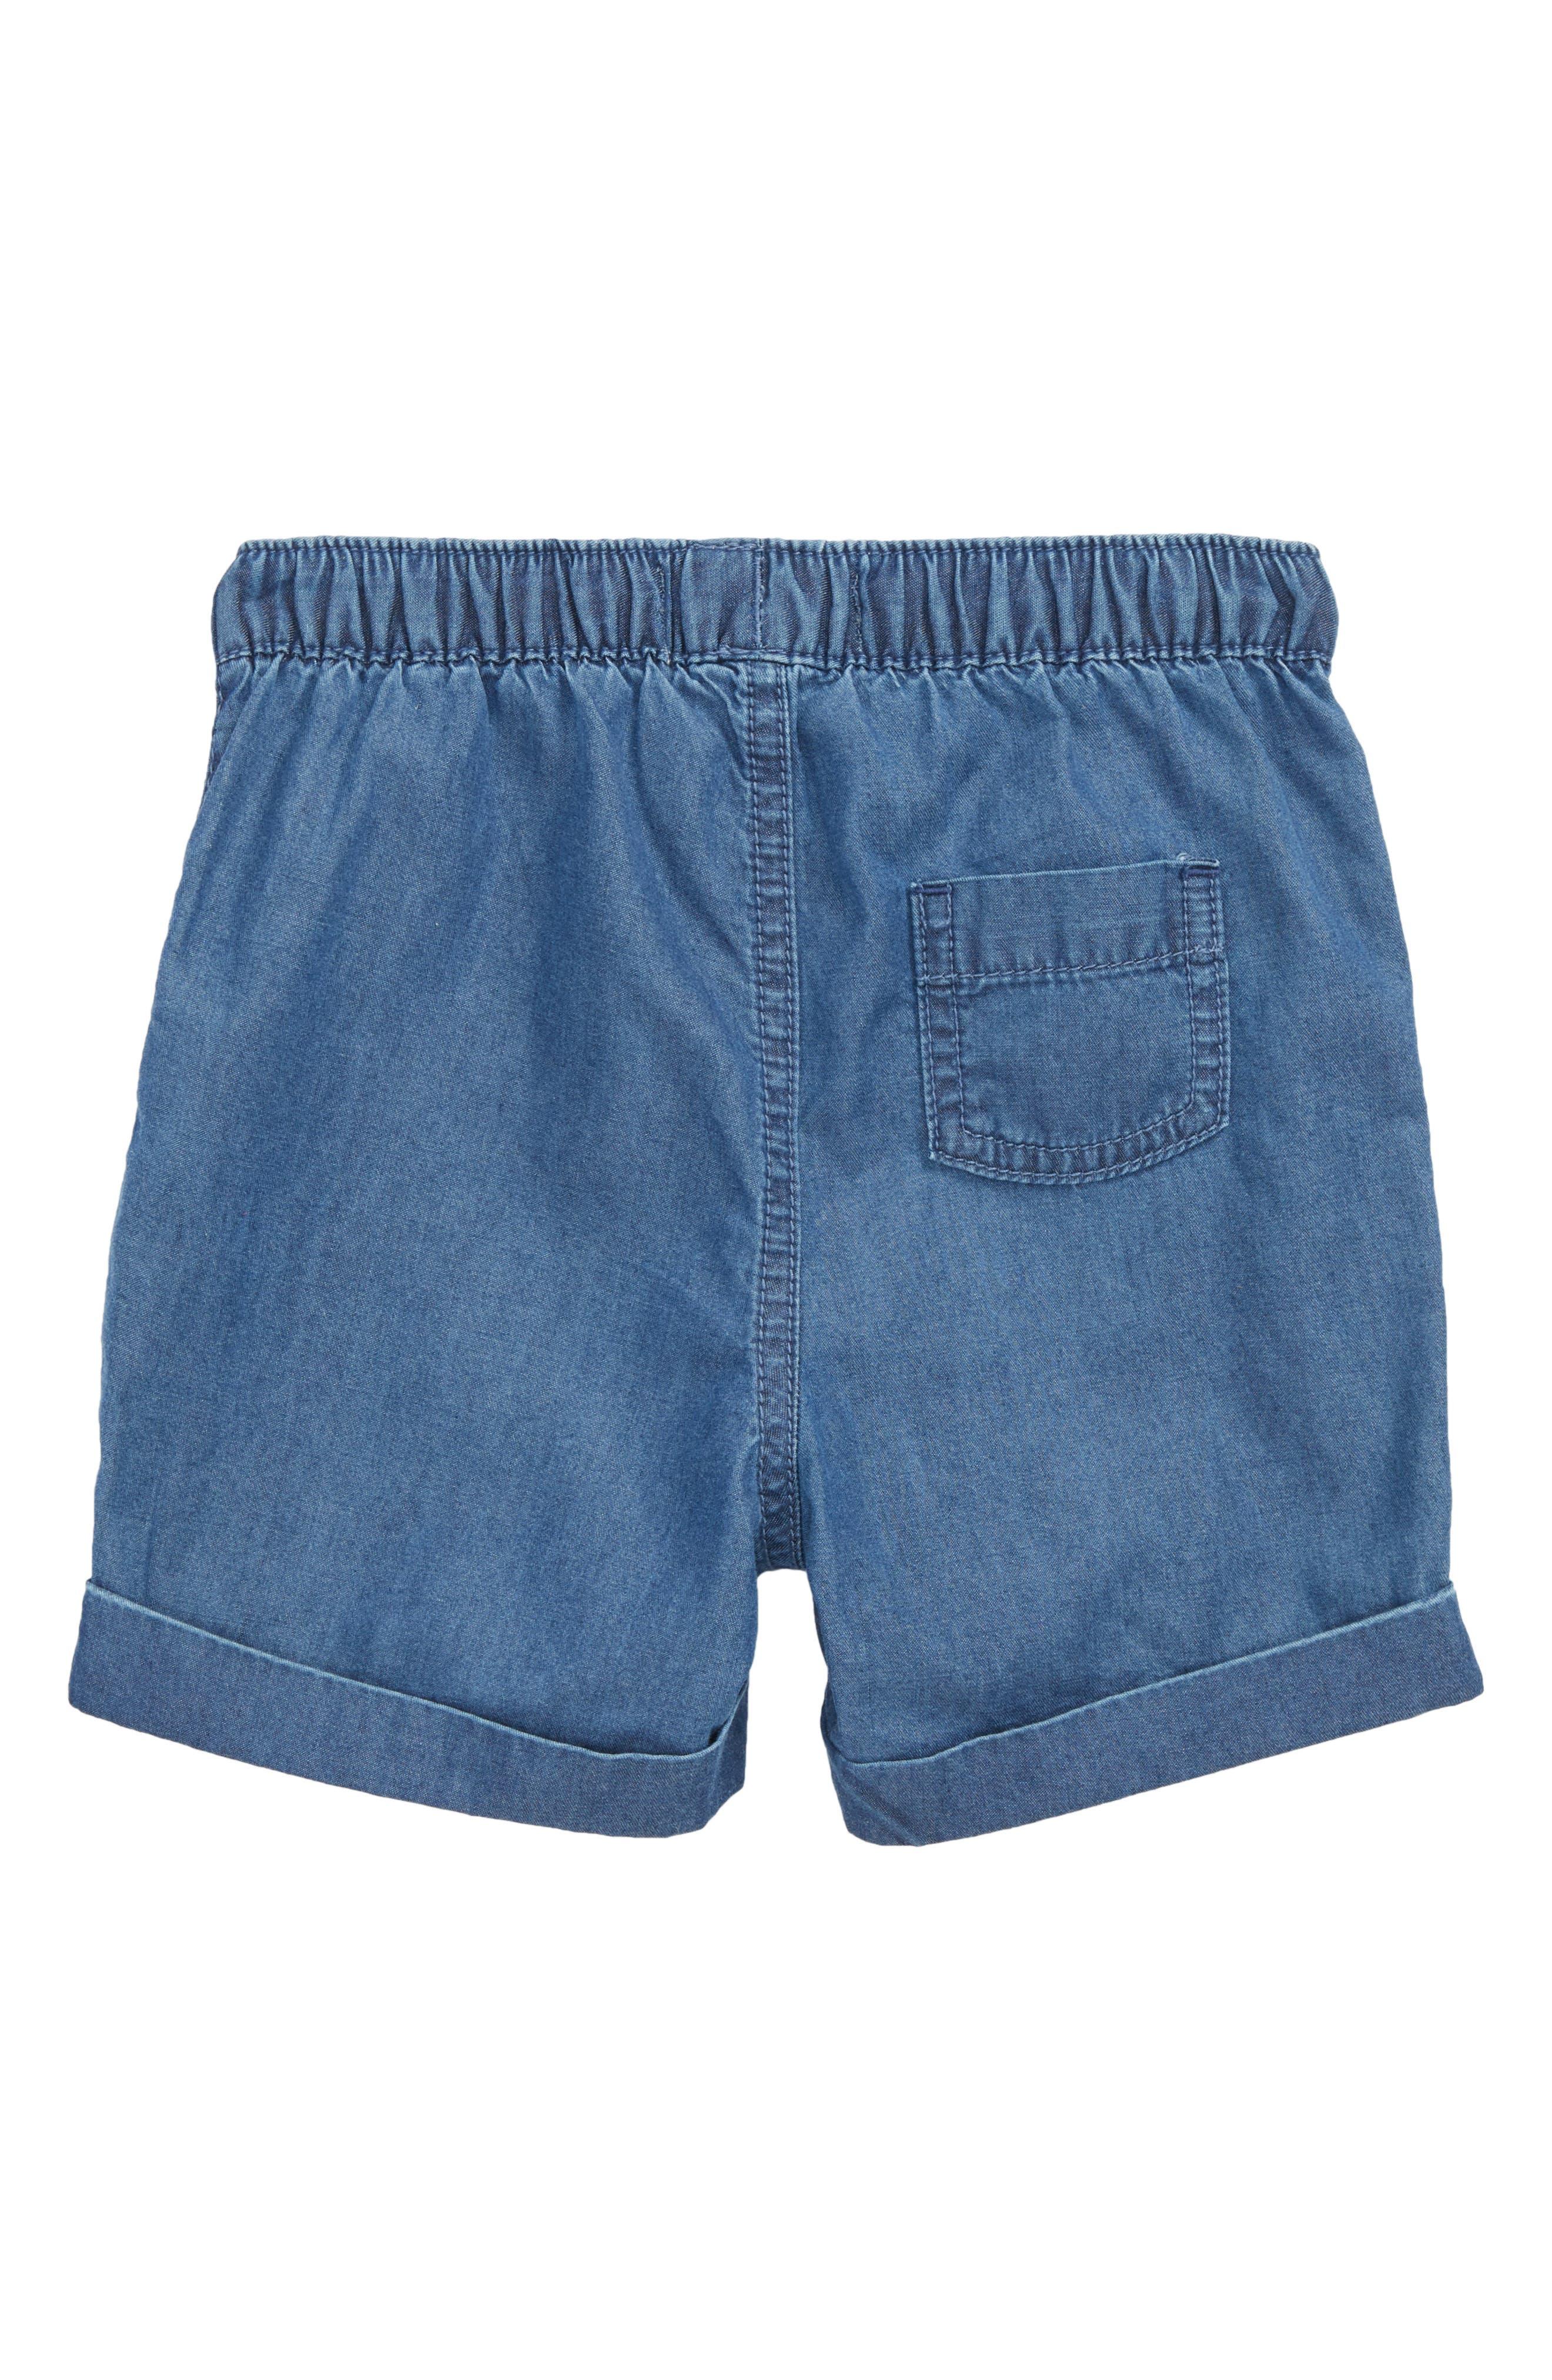 Explorer Shorts,                             Alternate thumbnail 2, color,                             469